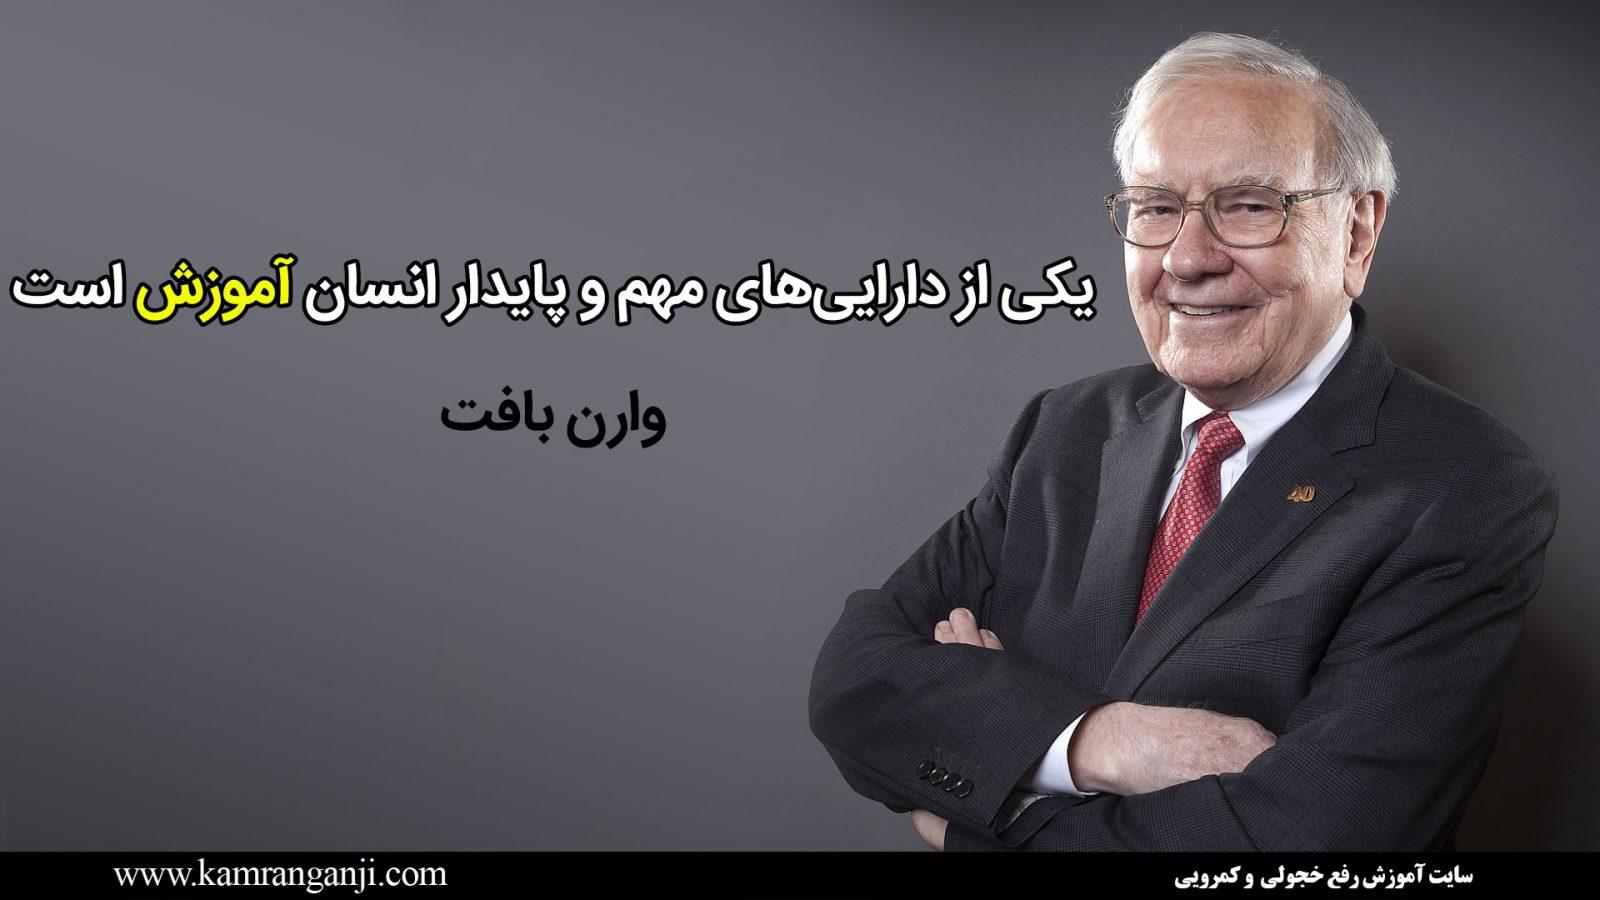 مهم ترین آدم دنیا کتاب مهم ترین آدم دنیا Warren Buffett